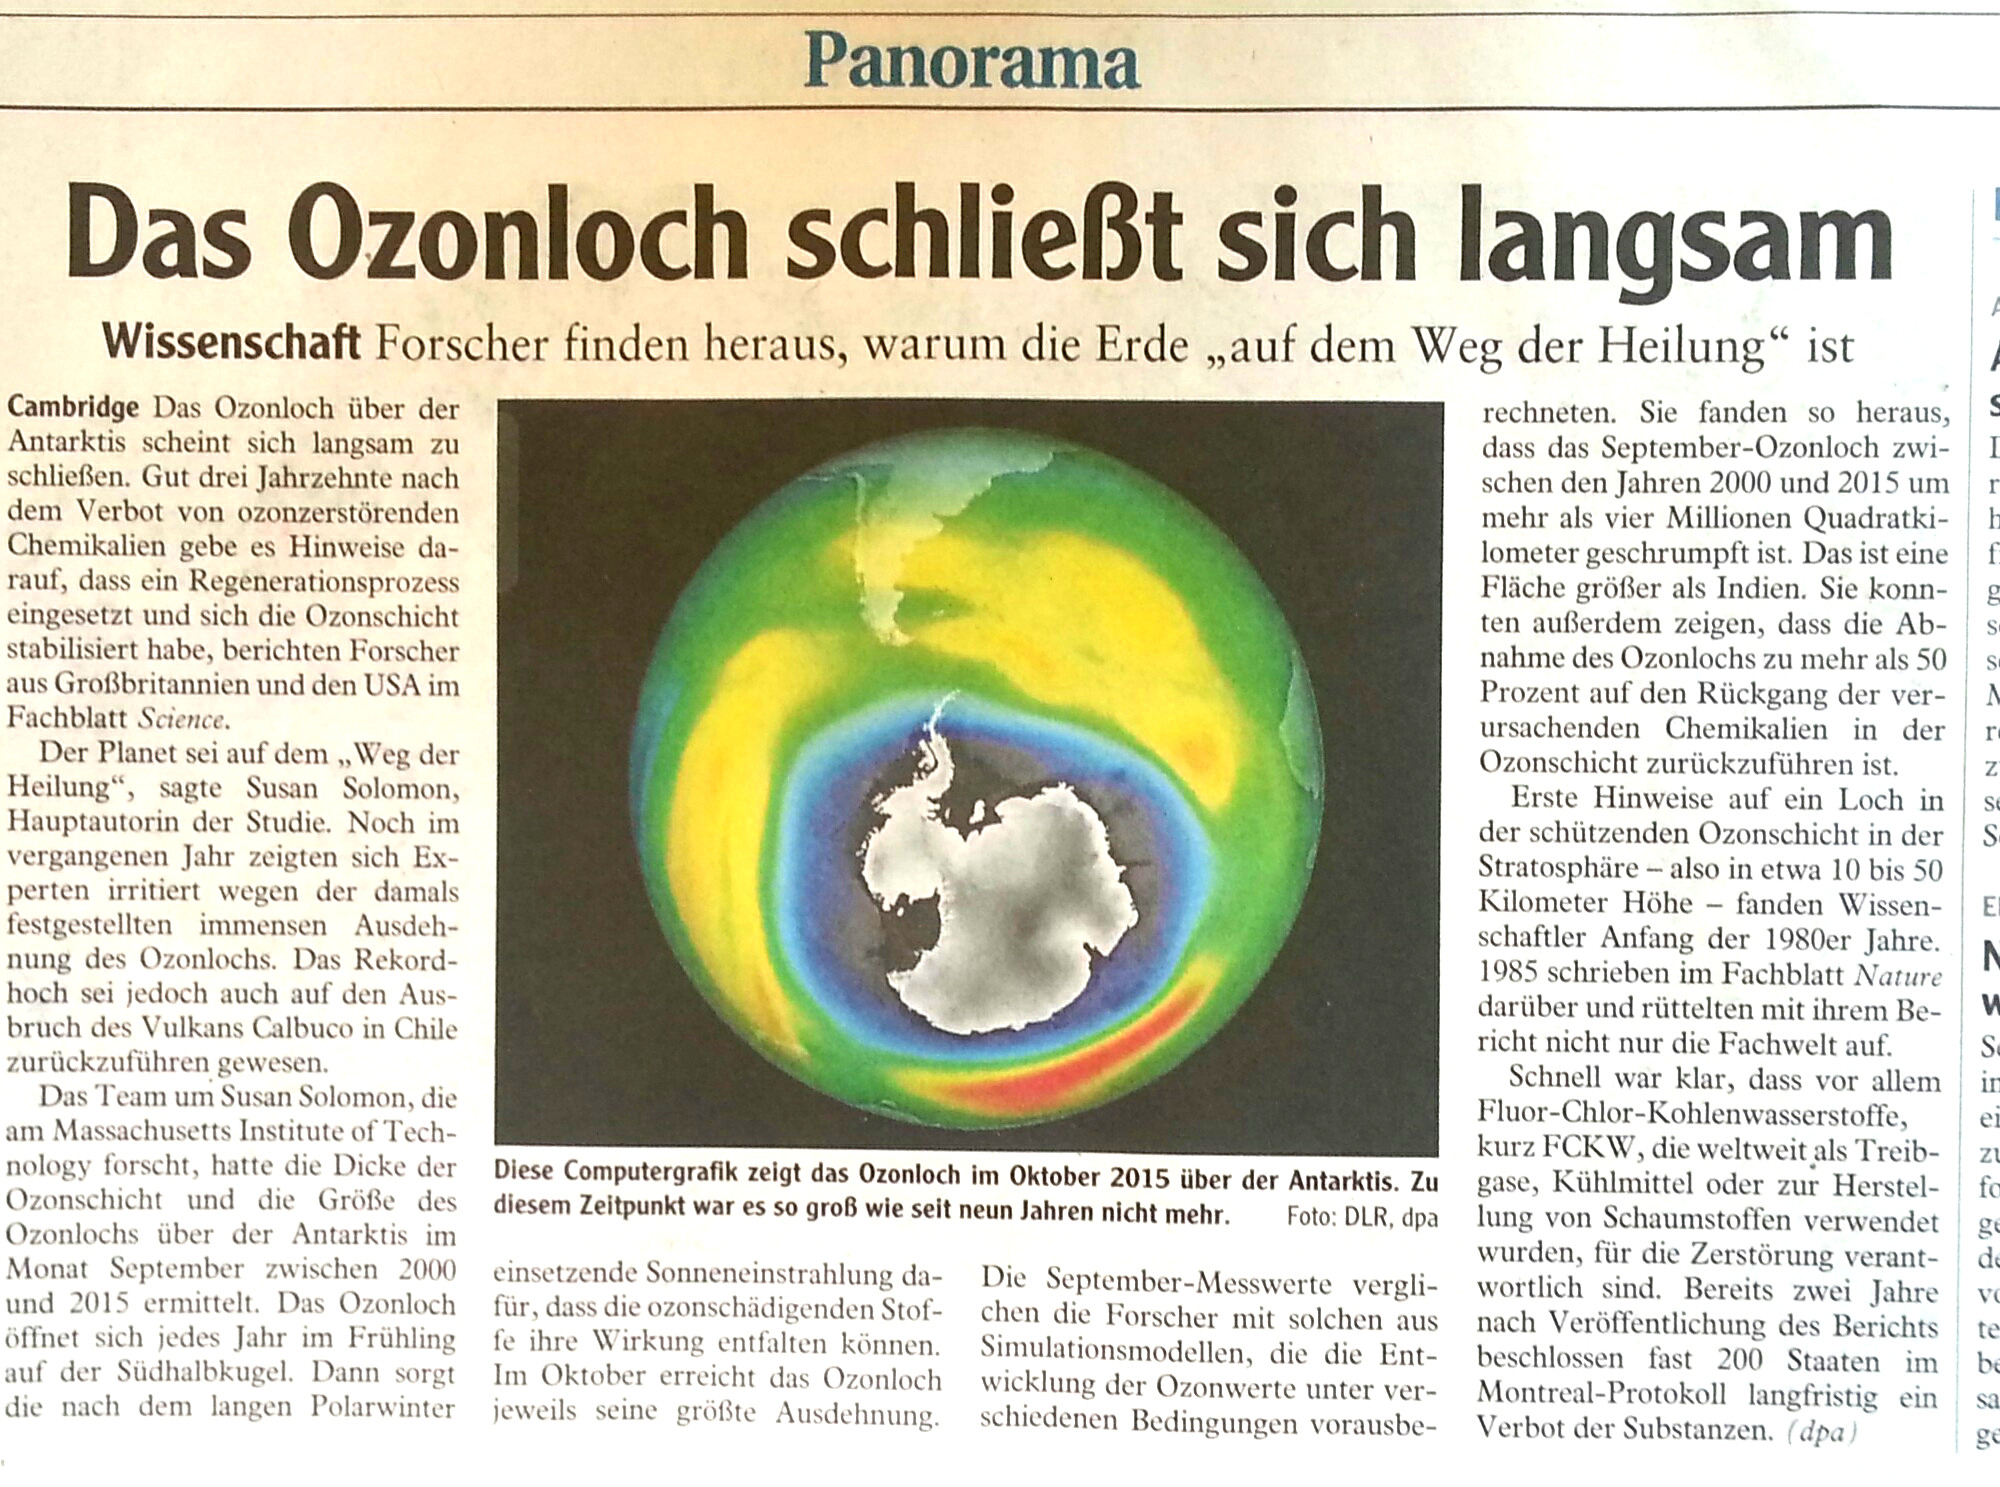 2016.06 - Ozonloch schließt sich langsam - 30 Jahre seit FCKW Verbot - Wisschaftler finden heraus warum die Erde auf dem Wege der Heilung ist